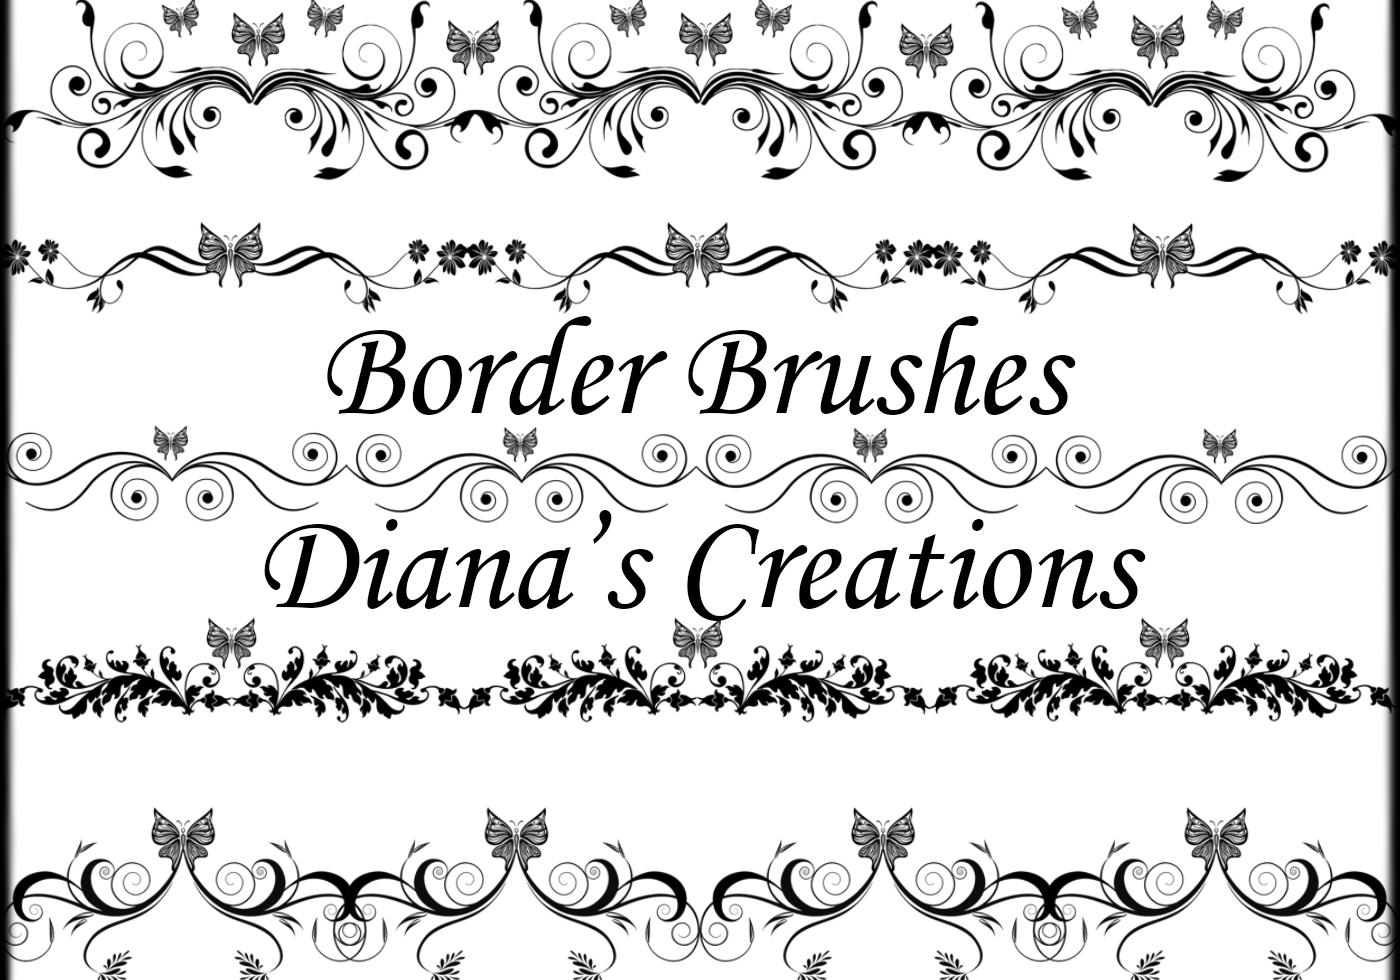 Elegant Border Brushes Free Photoshop Brushes At Brusheezy